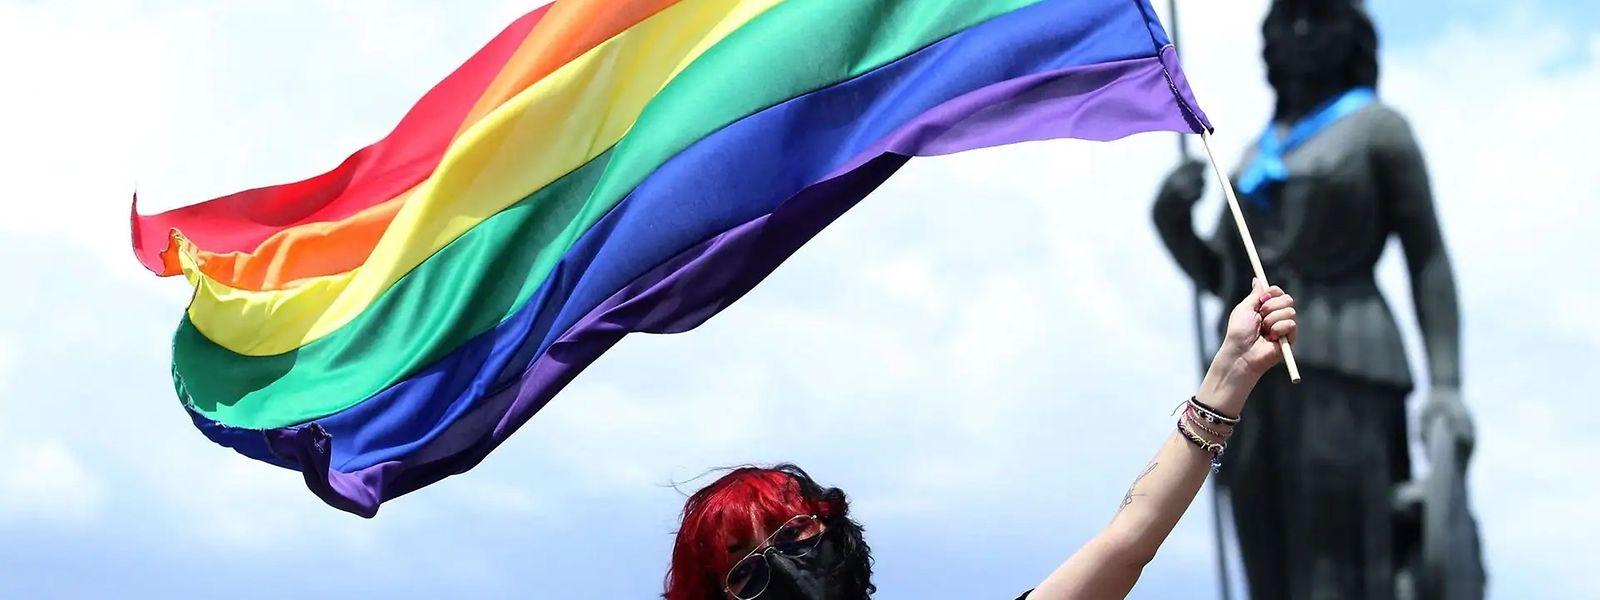 Le gouvernement hongrois essuie les critiques suite au vote d'une loi interdisant «la promotion» de l'homosexualité auprès des mineurs adolescents.